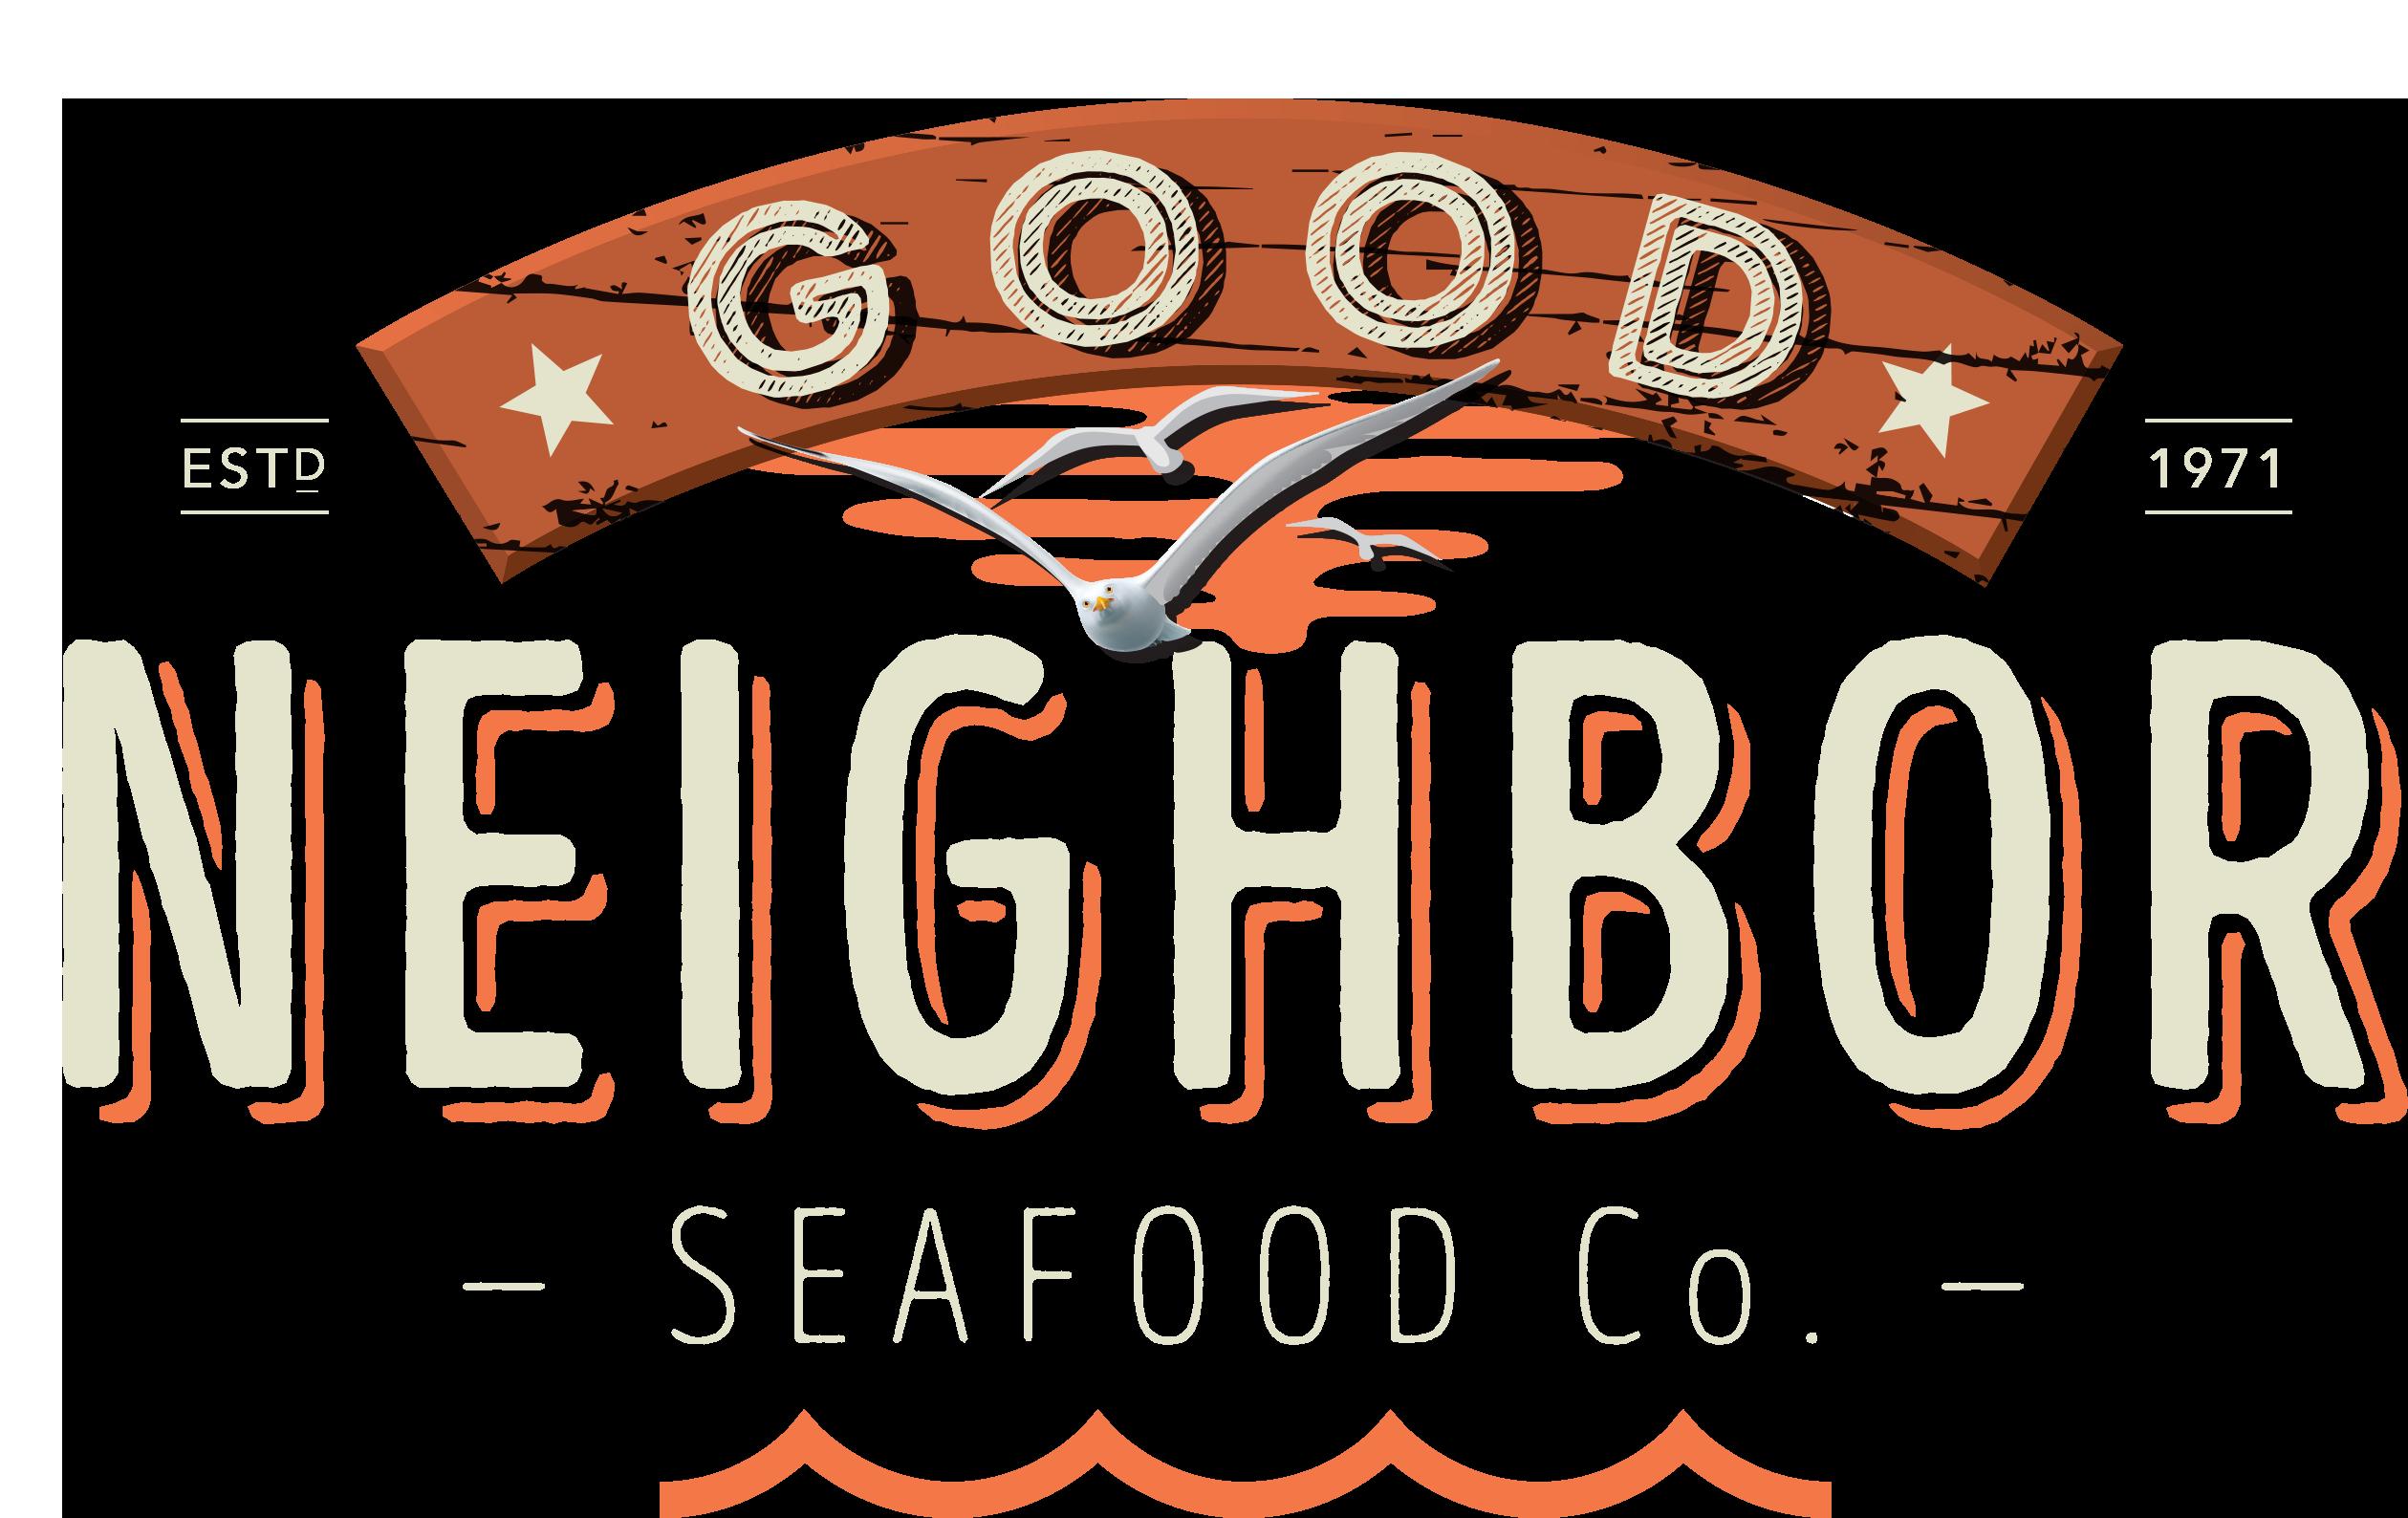 Good Neighbor Seafood Co.